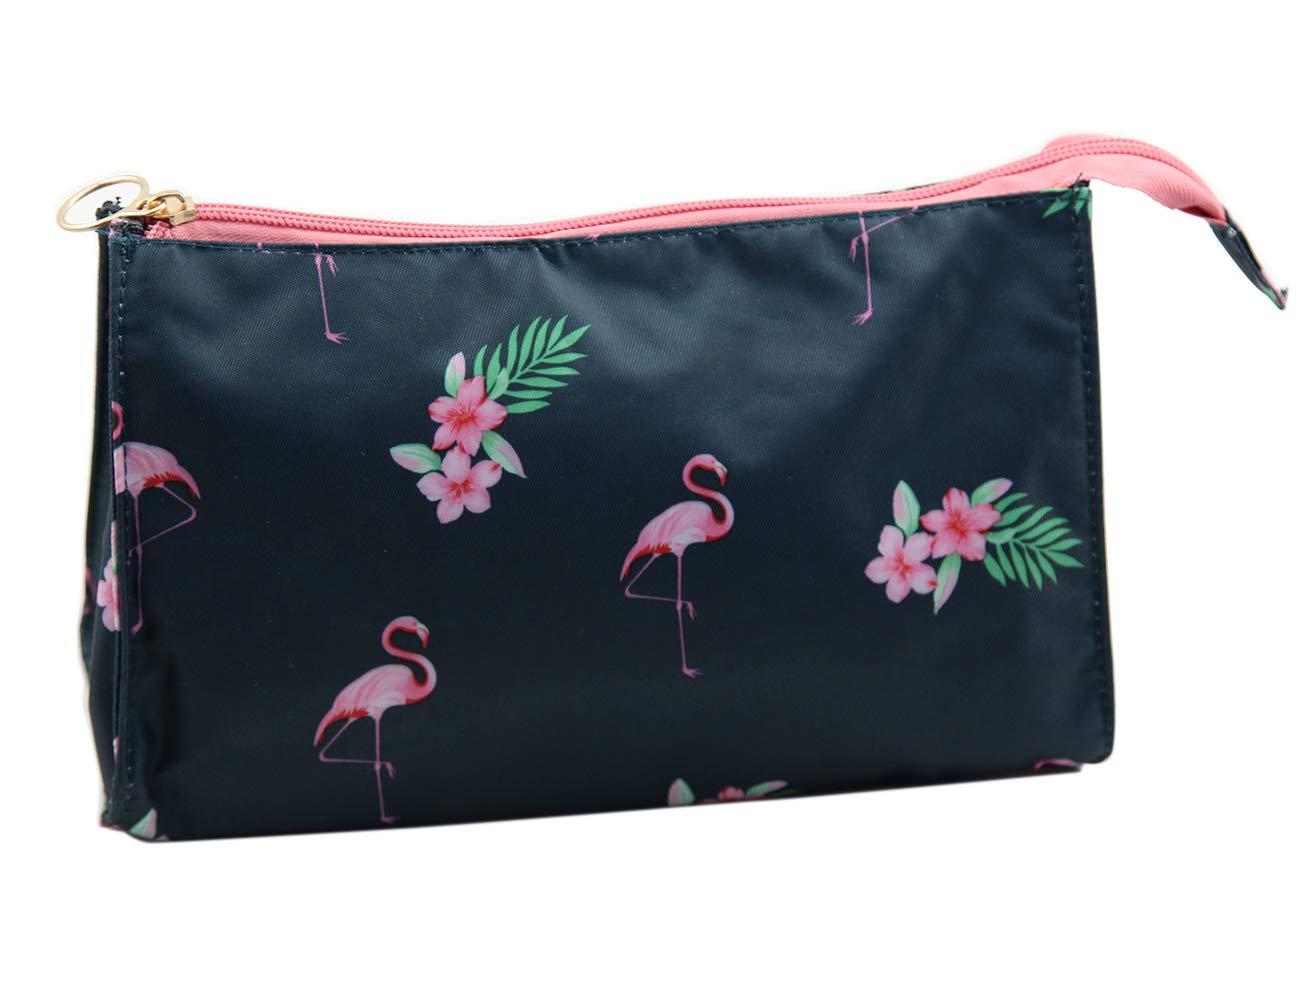 Amazon.com: Admirable Idea - Neceser de viaje para mujer: Beauty